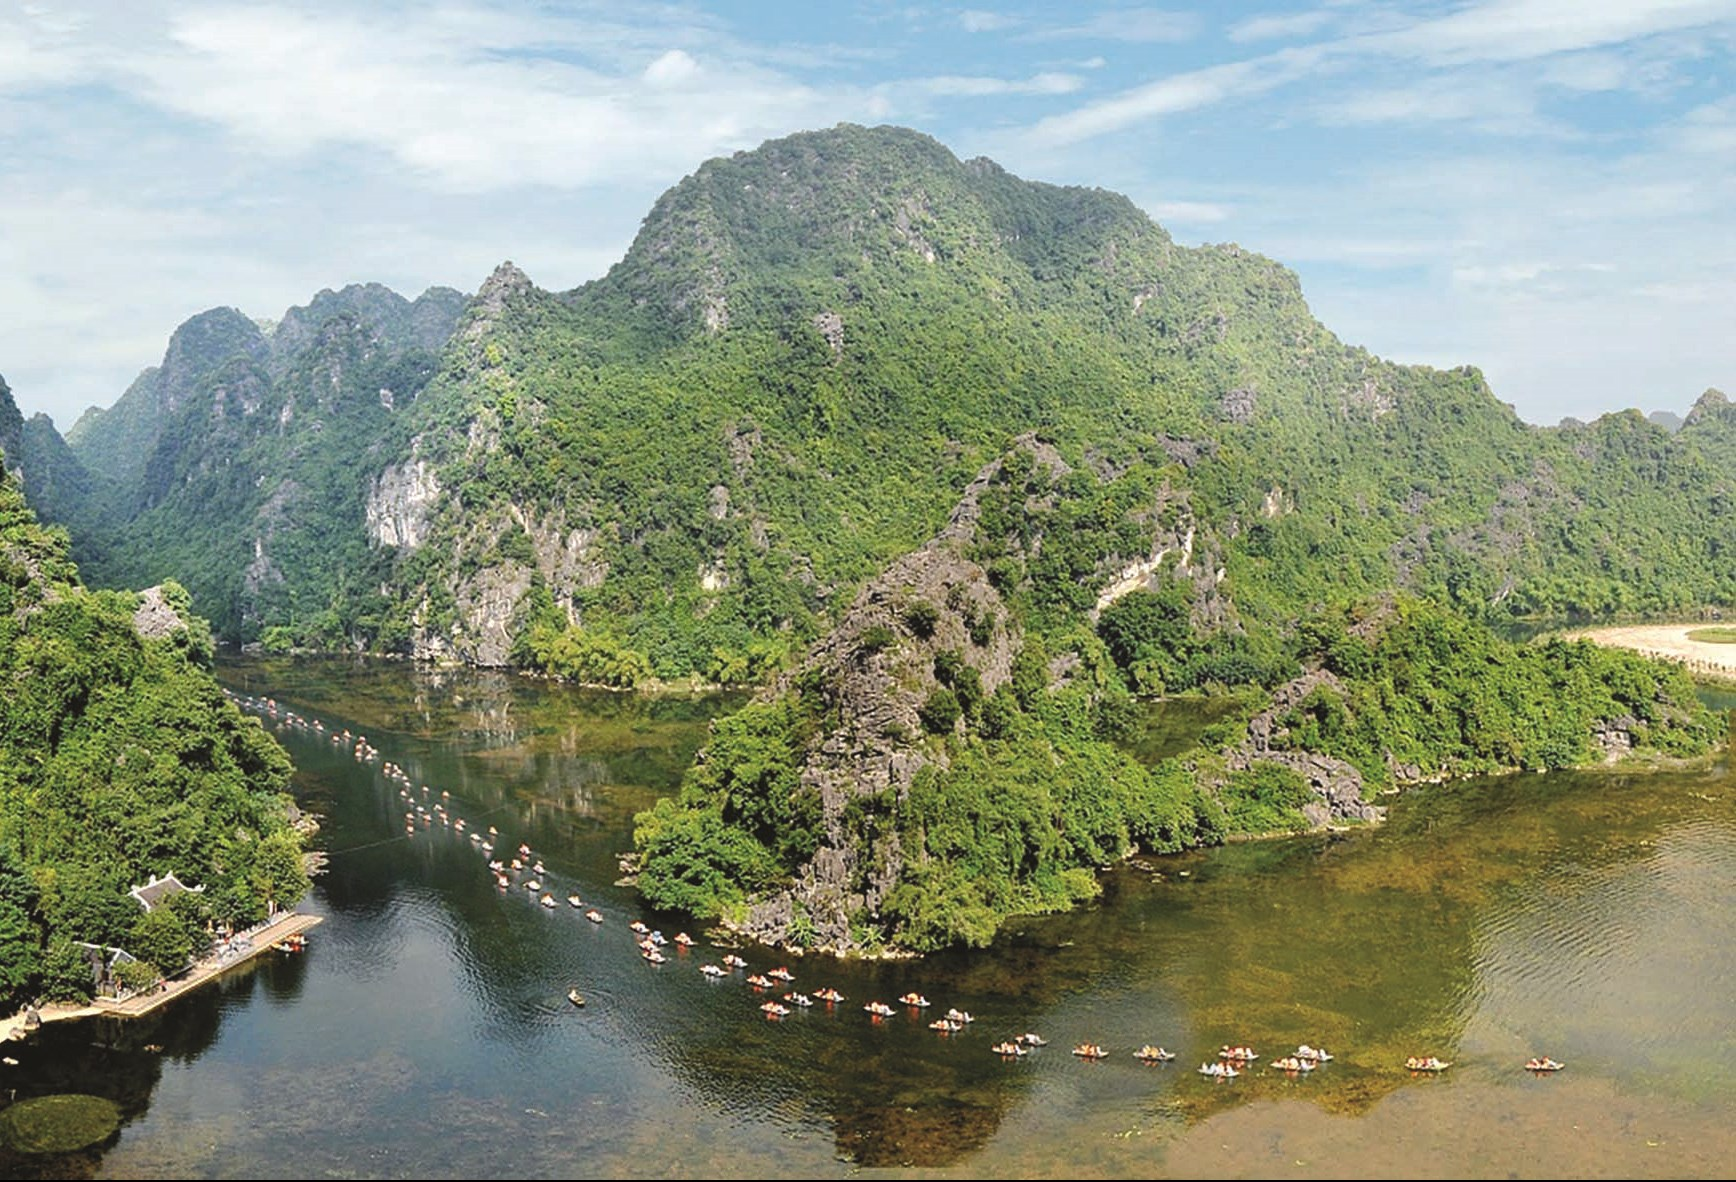 Năm 2019, Việt Nam nhận Giải thưởng Du lịch thế giới hạng mục Điểm đến di sản hàng đầu thế giới 2019. (Trong ảnh: Quẩn thể danh thắng Tràng An - Ninh Bình)